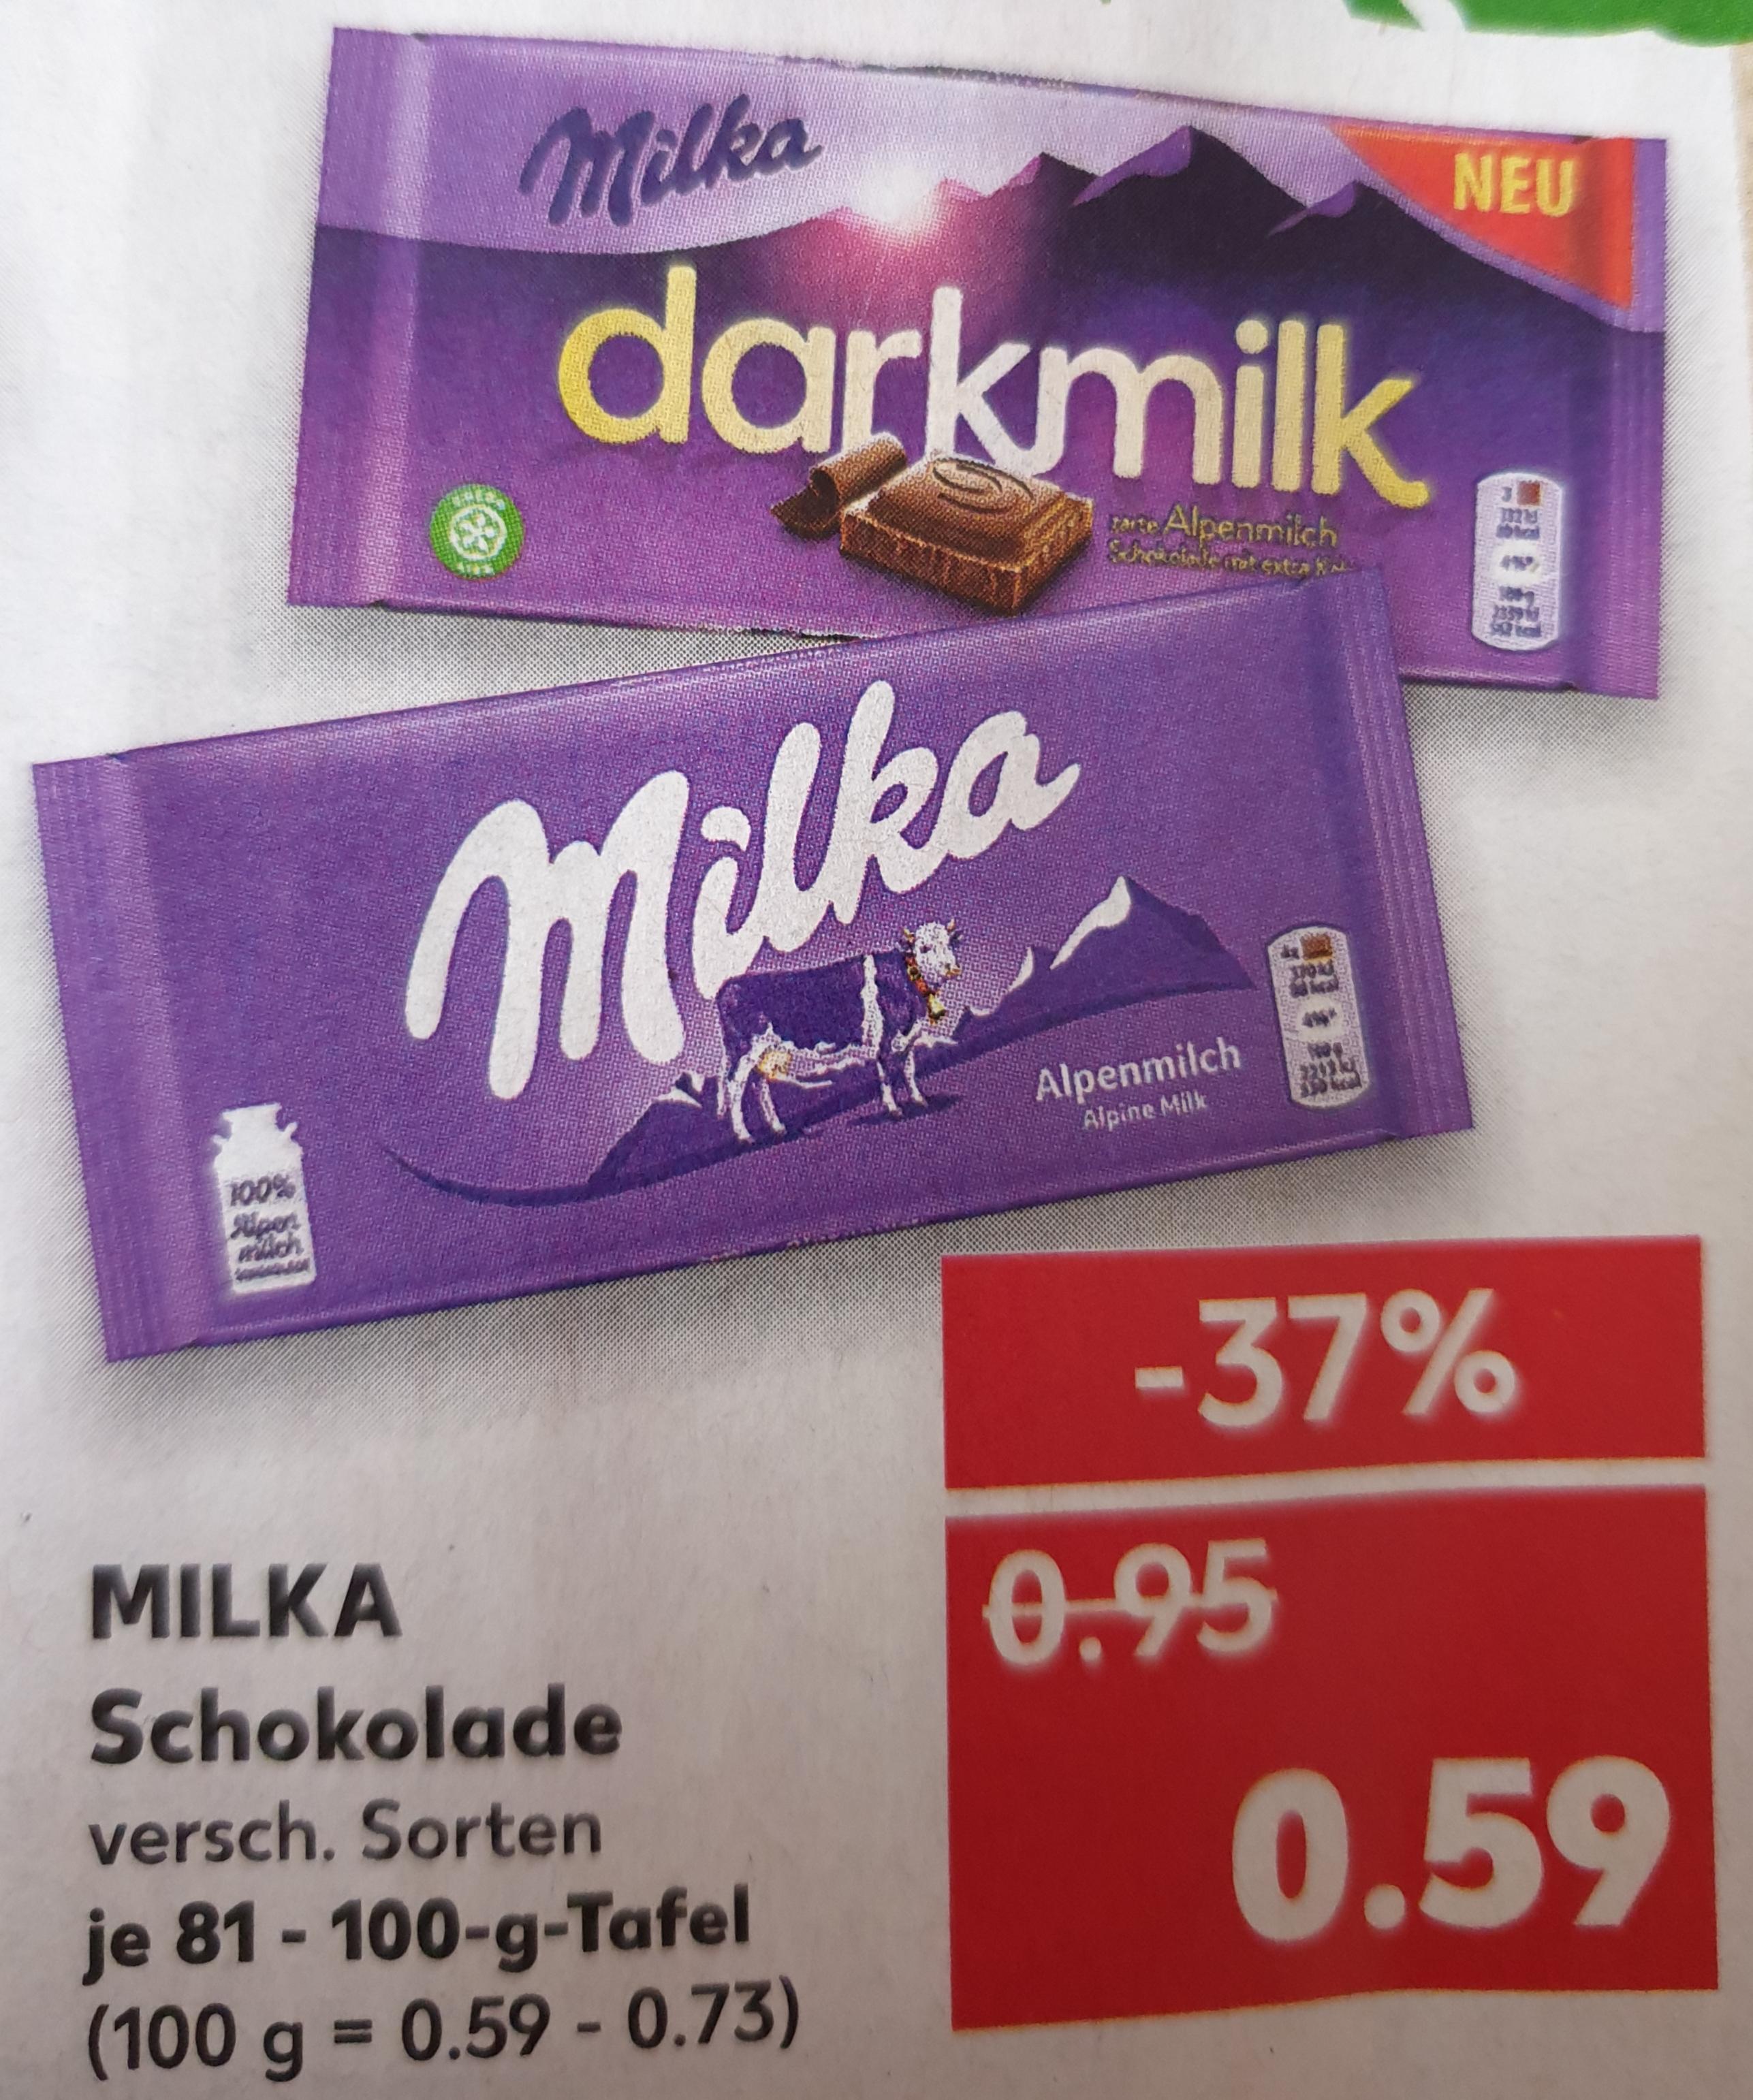 [ Kaufland / Marktguru ] Milka Schokolade verschiedene Sorten ( 13.05-15.05.19 ), mit Cashback nur 0,24€